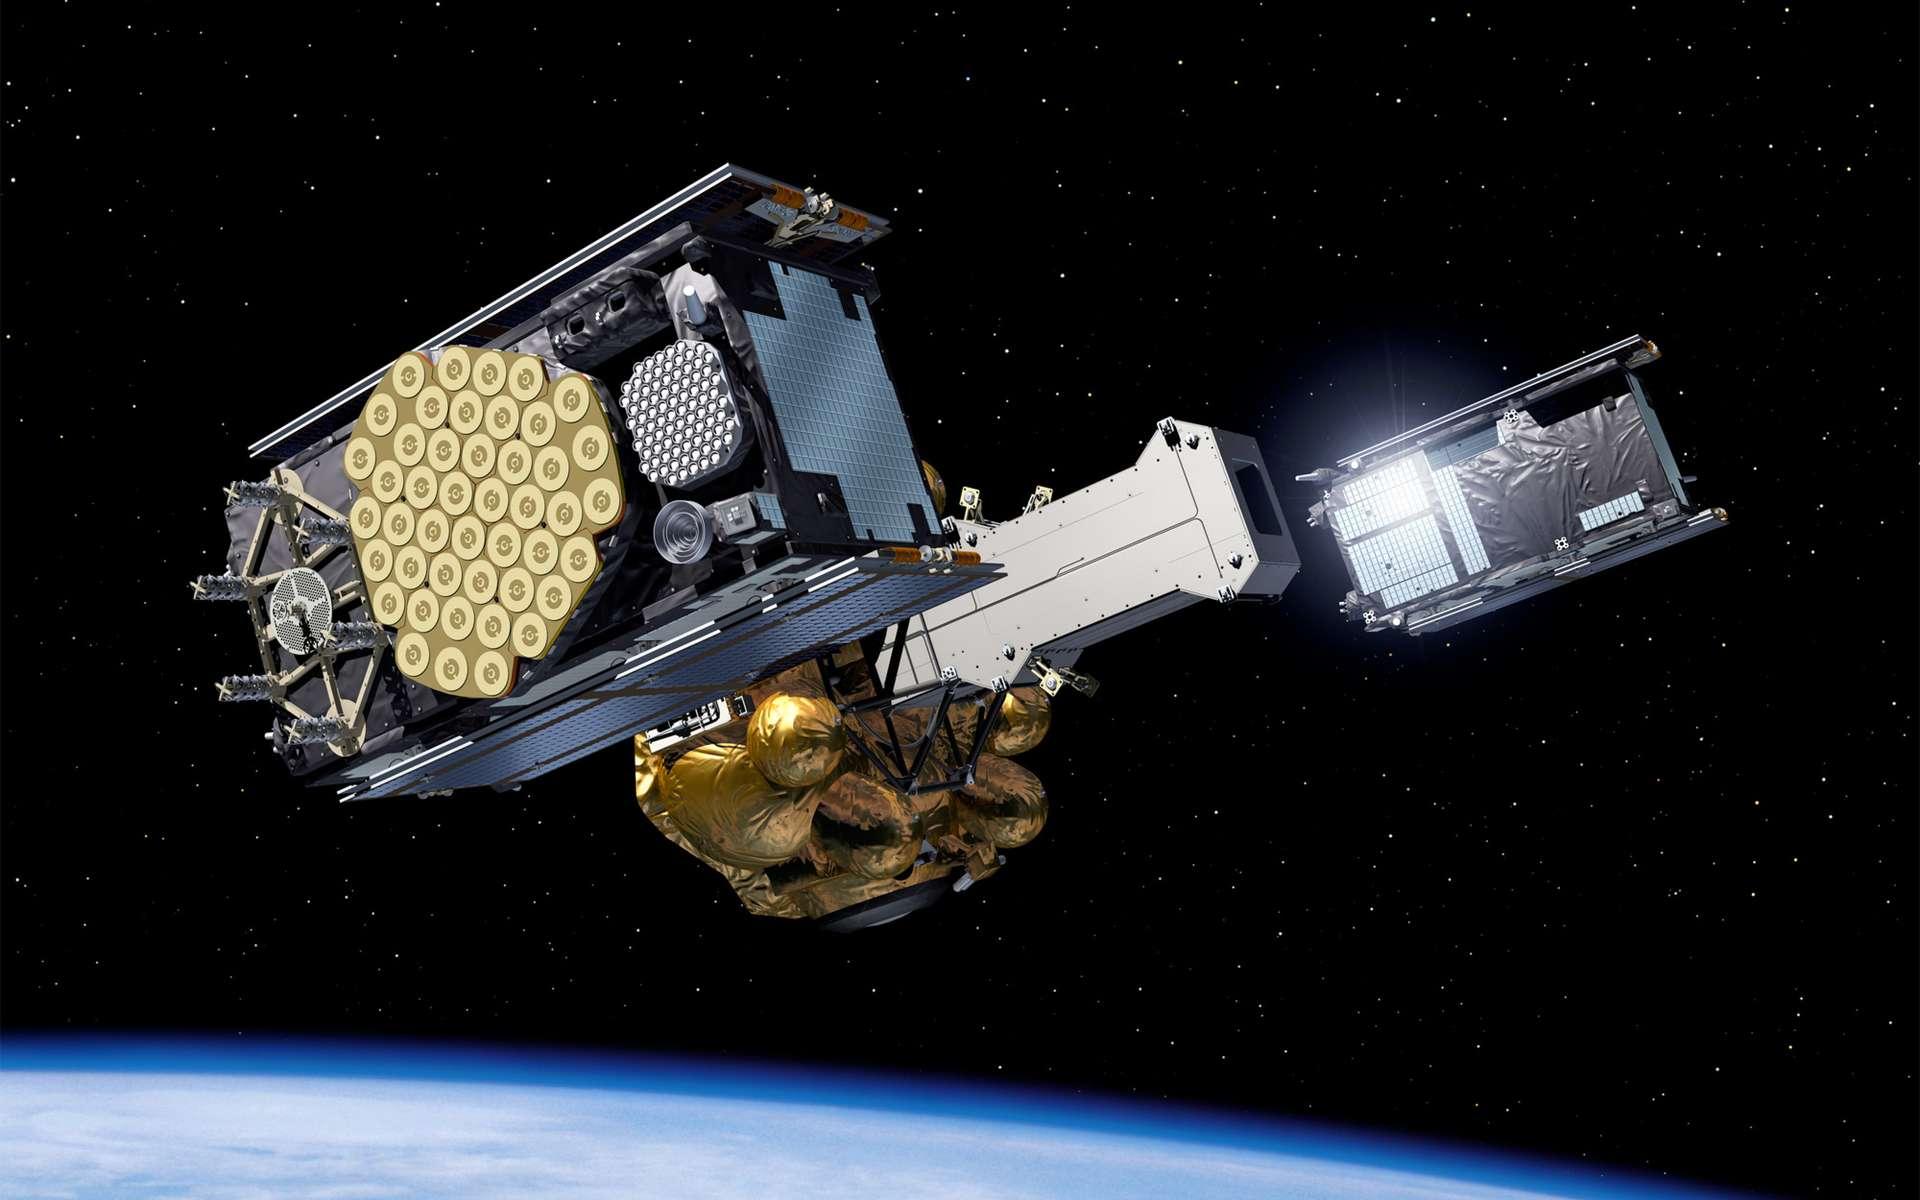 Six ans après le lancement du satellite Giove-A (premier des Giove, Galileo In-Orbit Validation Element), destiné à occuper les fréquences attribuées par l'Union internationale des télécommunications (UIT) à la constellation Galileo, Soyouz s'apprête à en lancer les deux premiers satellites. Il en faudra 30 pour la constellation complète, espérée pour 2016. © Esa/P. Carril, 2011